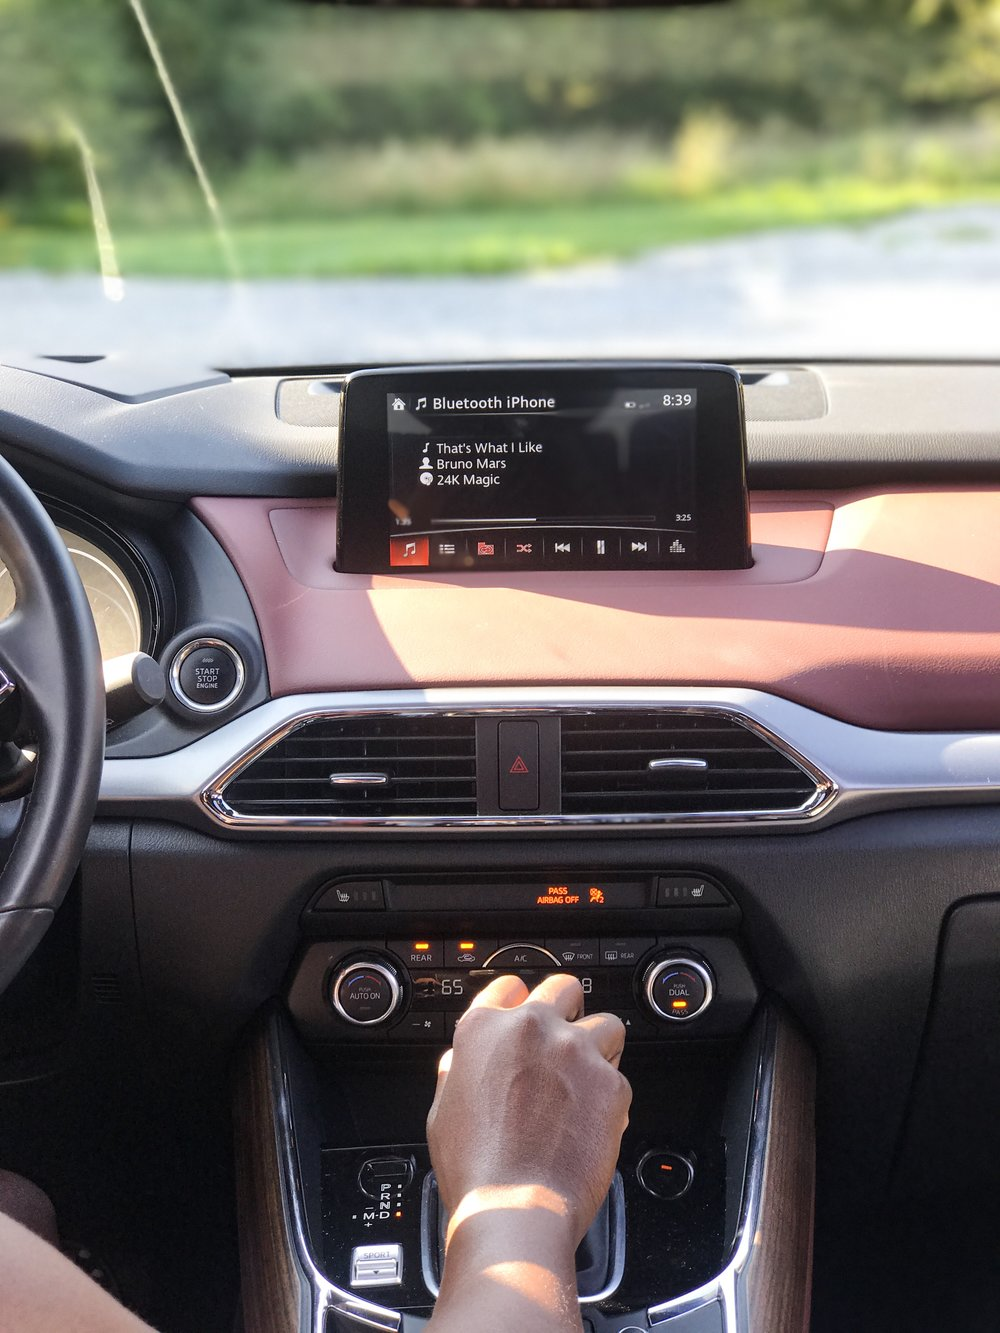 mazda-cx9-drive-shop-usa-dayna-bolden-4.jpg